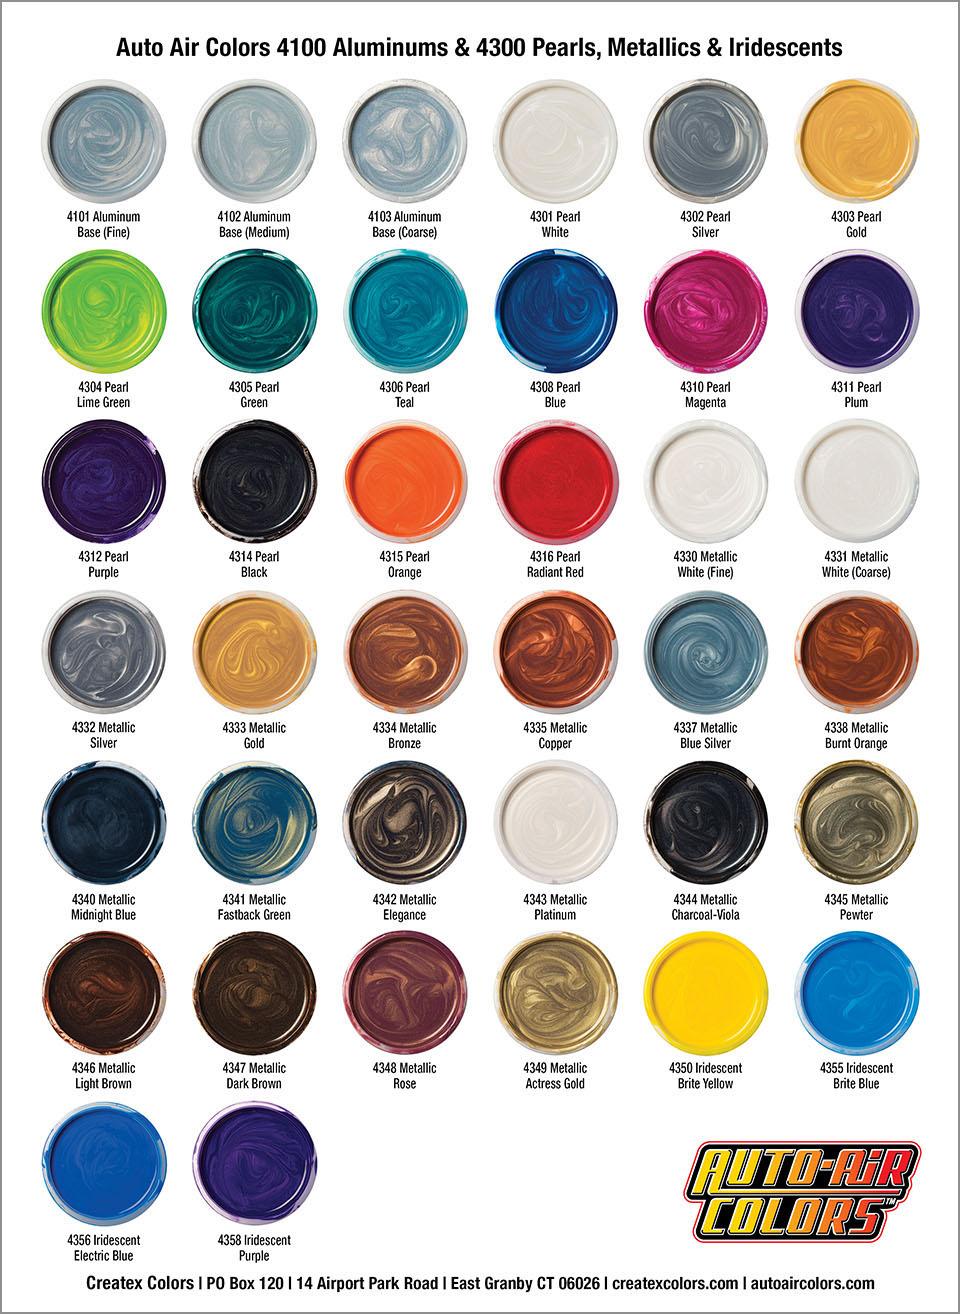 Metallic Car Paint Color Chart : metallic, paint, color, chart, Metallic, Light, Brown, Colors, Custom, Automotive, Airbrush, Paints